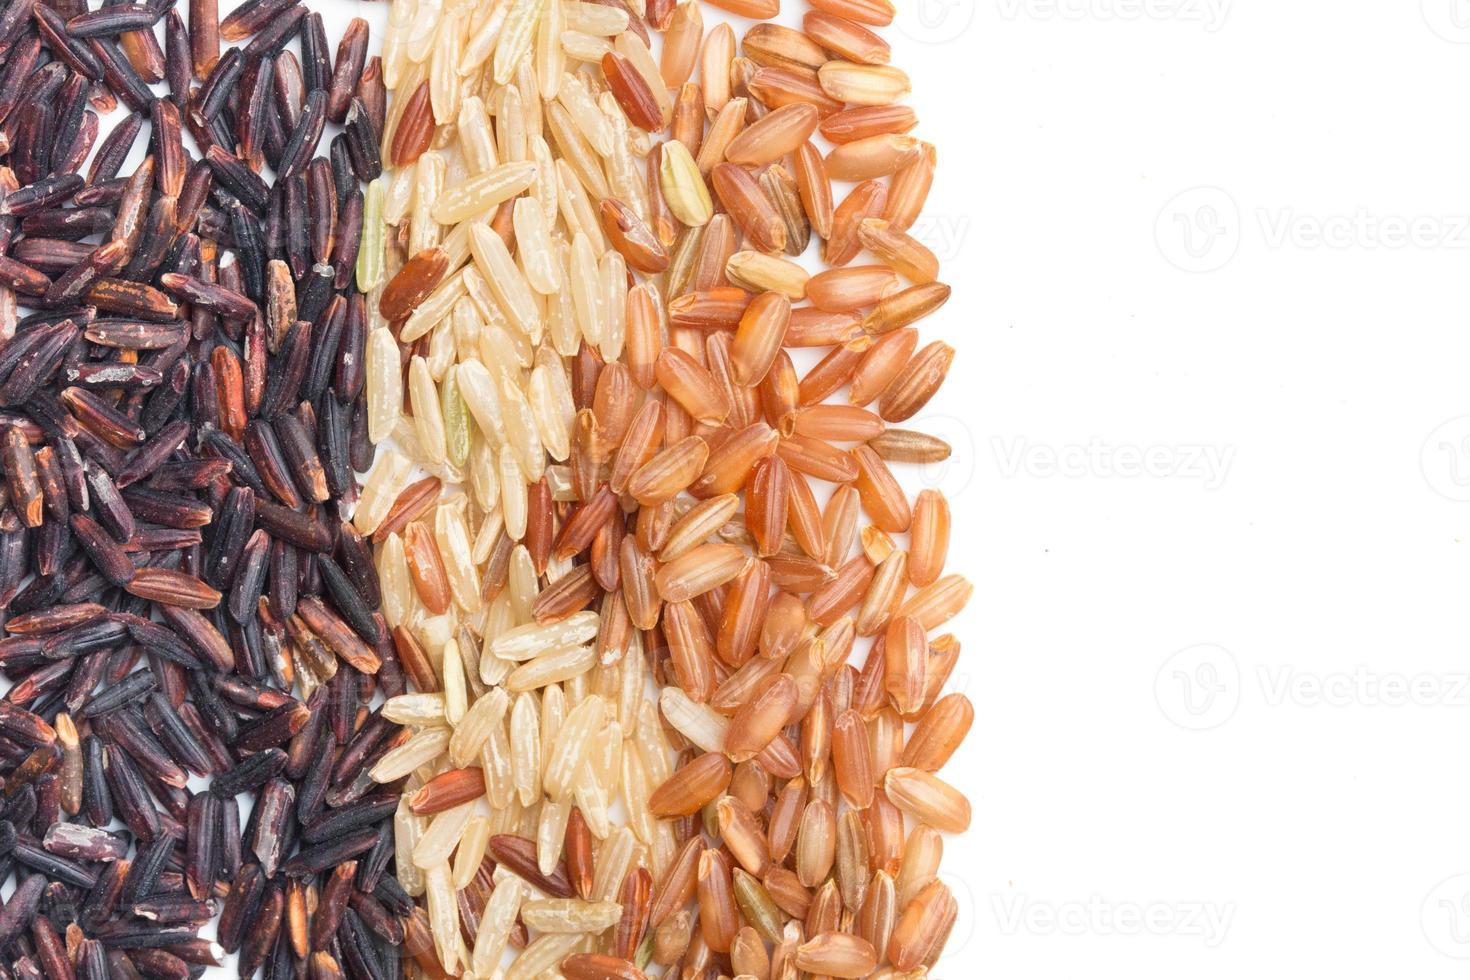 drei verschiedene Arten von braunem Reis foto